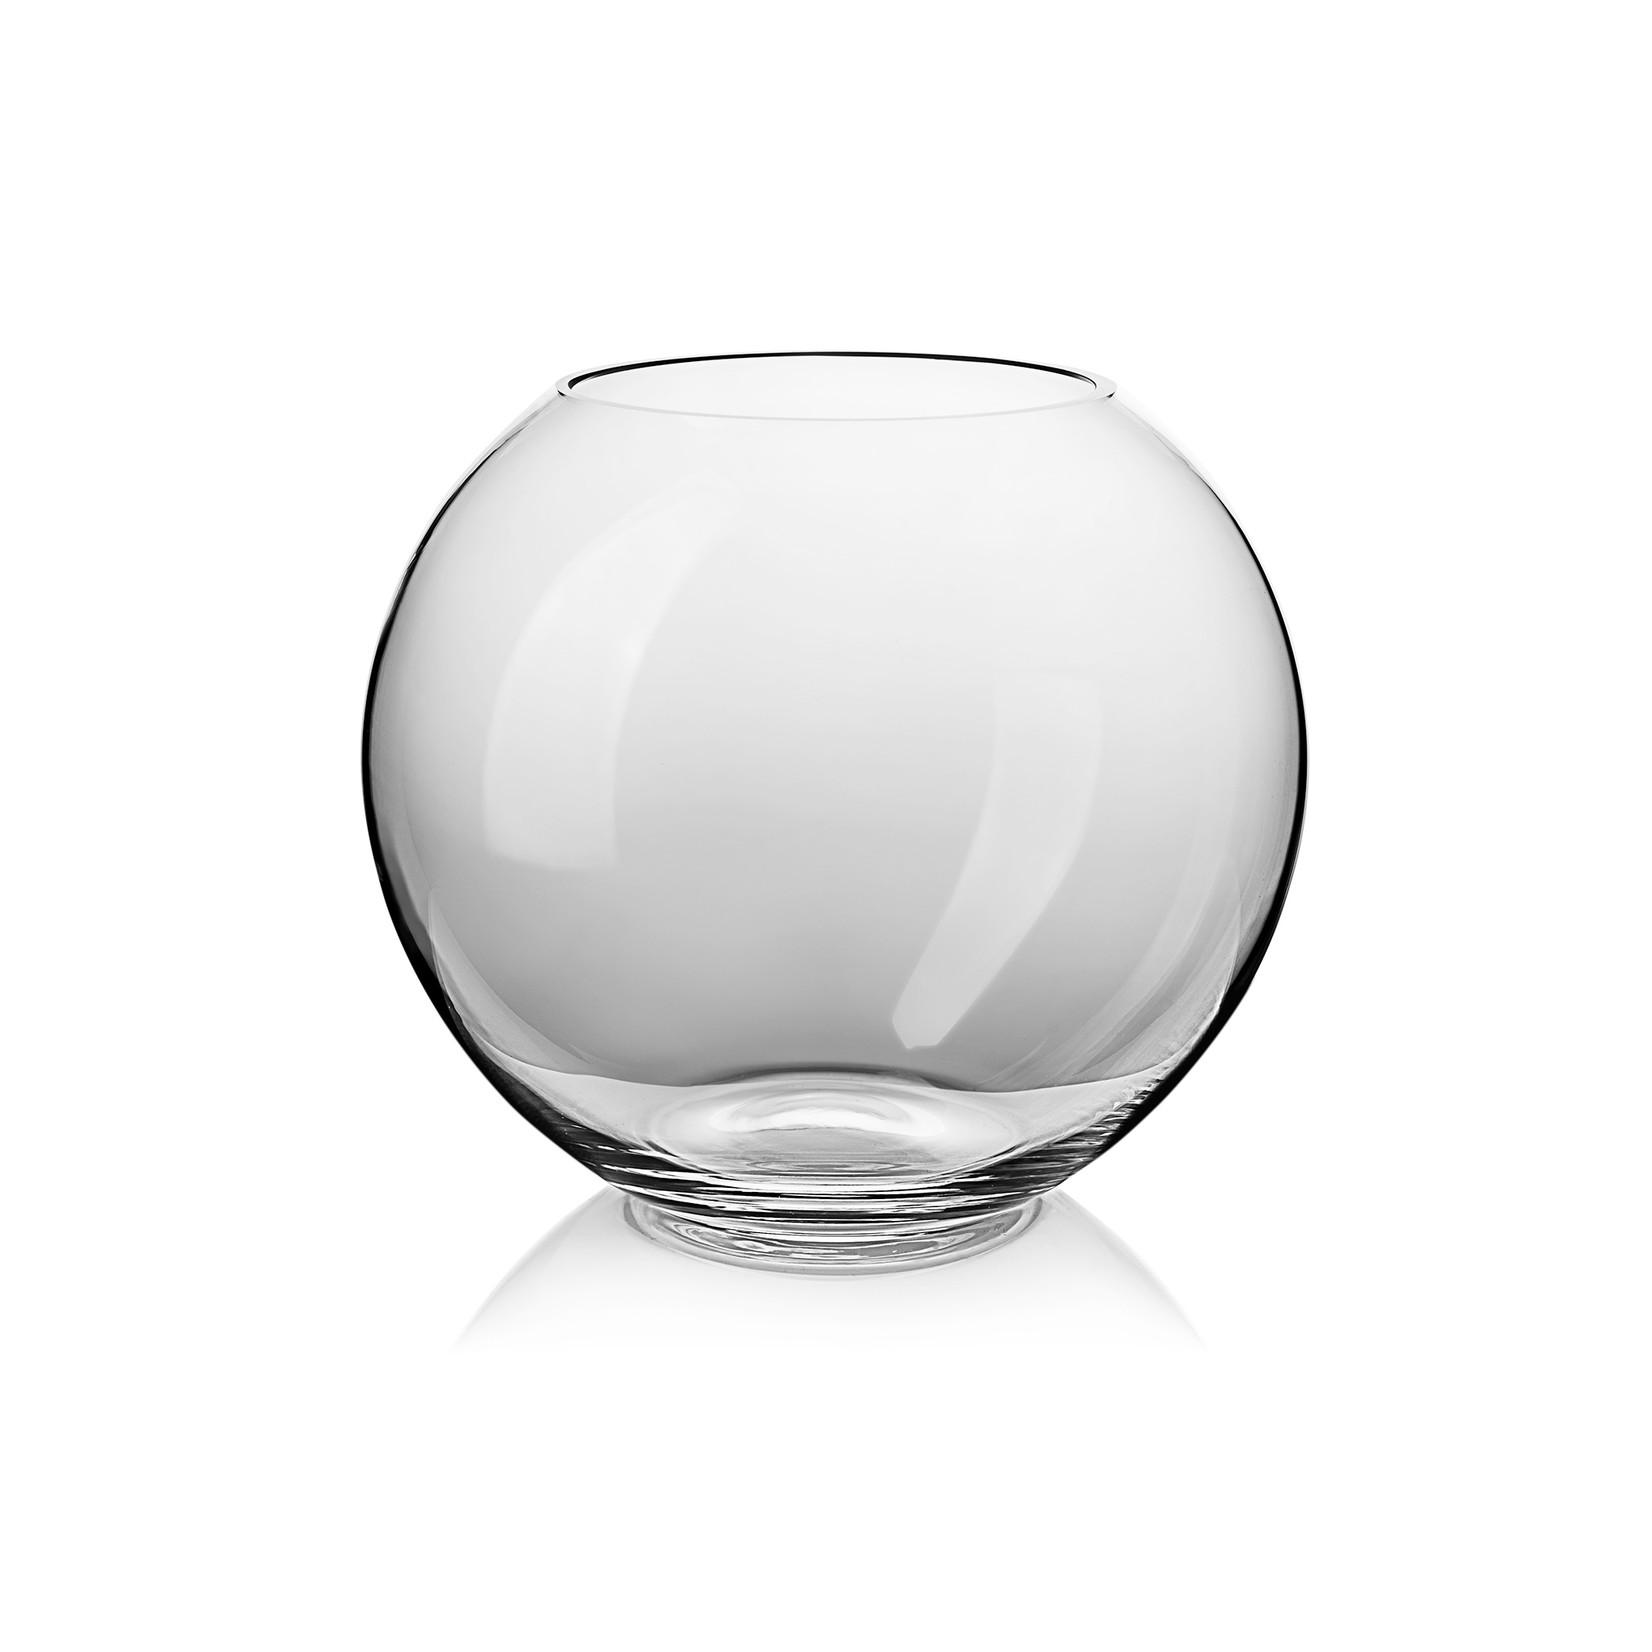 Skloglass Handgemaakt kristallen bolvaas Klein